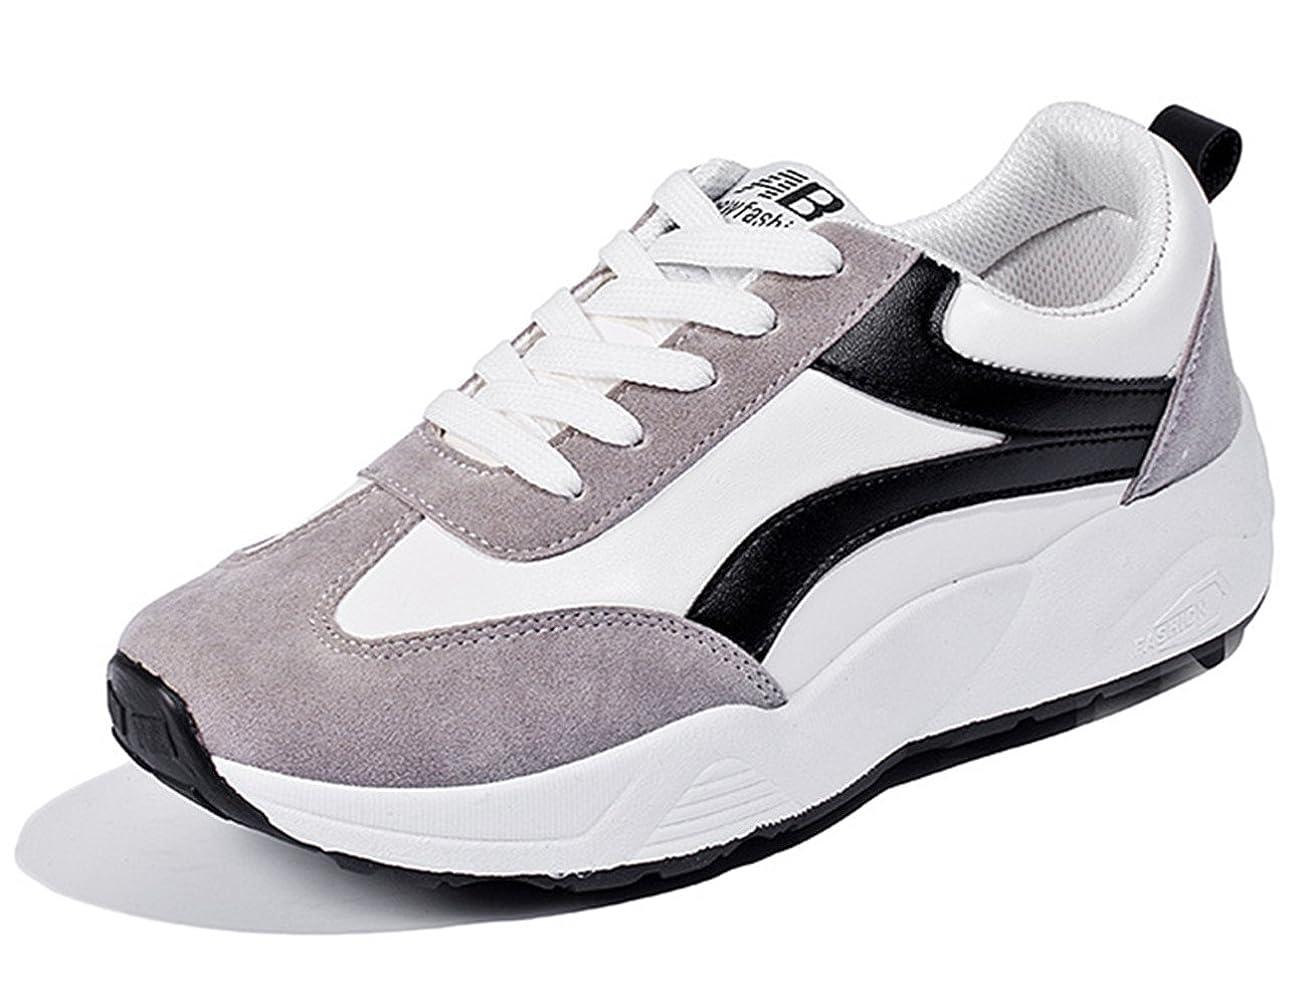 パプアニューギニア複数責める[ZUOMA] レディース 運動靴 スポーツシューズ カジュアルシューズ ランニングシューズ フラットヒール クッション性